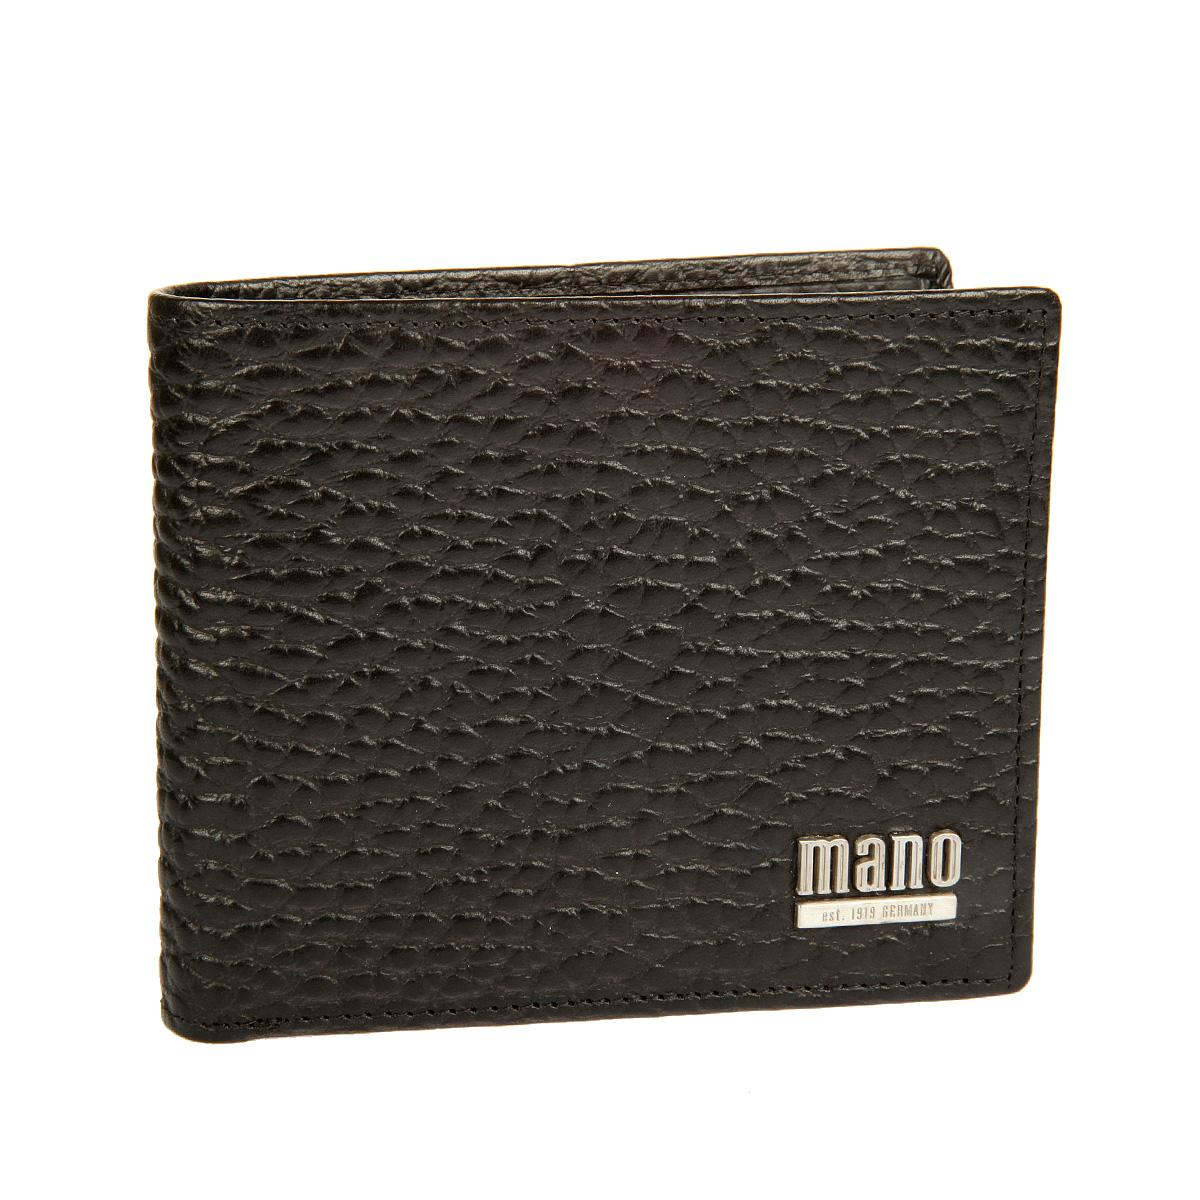 Портмоне мужское Mano, цвет: черный. 1953619536 blackСтильное мужское портмоне Mano выполнено из натуральной кожи с тиснением под рептилию, оформлено металлической эмблемой в виде логотипа бренда. Внутри - два отделения для купюр, отдел для монет с клапаном на кнопке, один потайной кармашек, двенадцать отделений для пластиковых карт и один карман с сетчатой вставкой. Портмоне упаковано в фирменную картонную коробку.